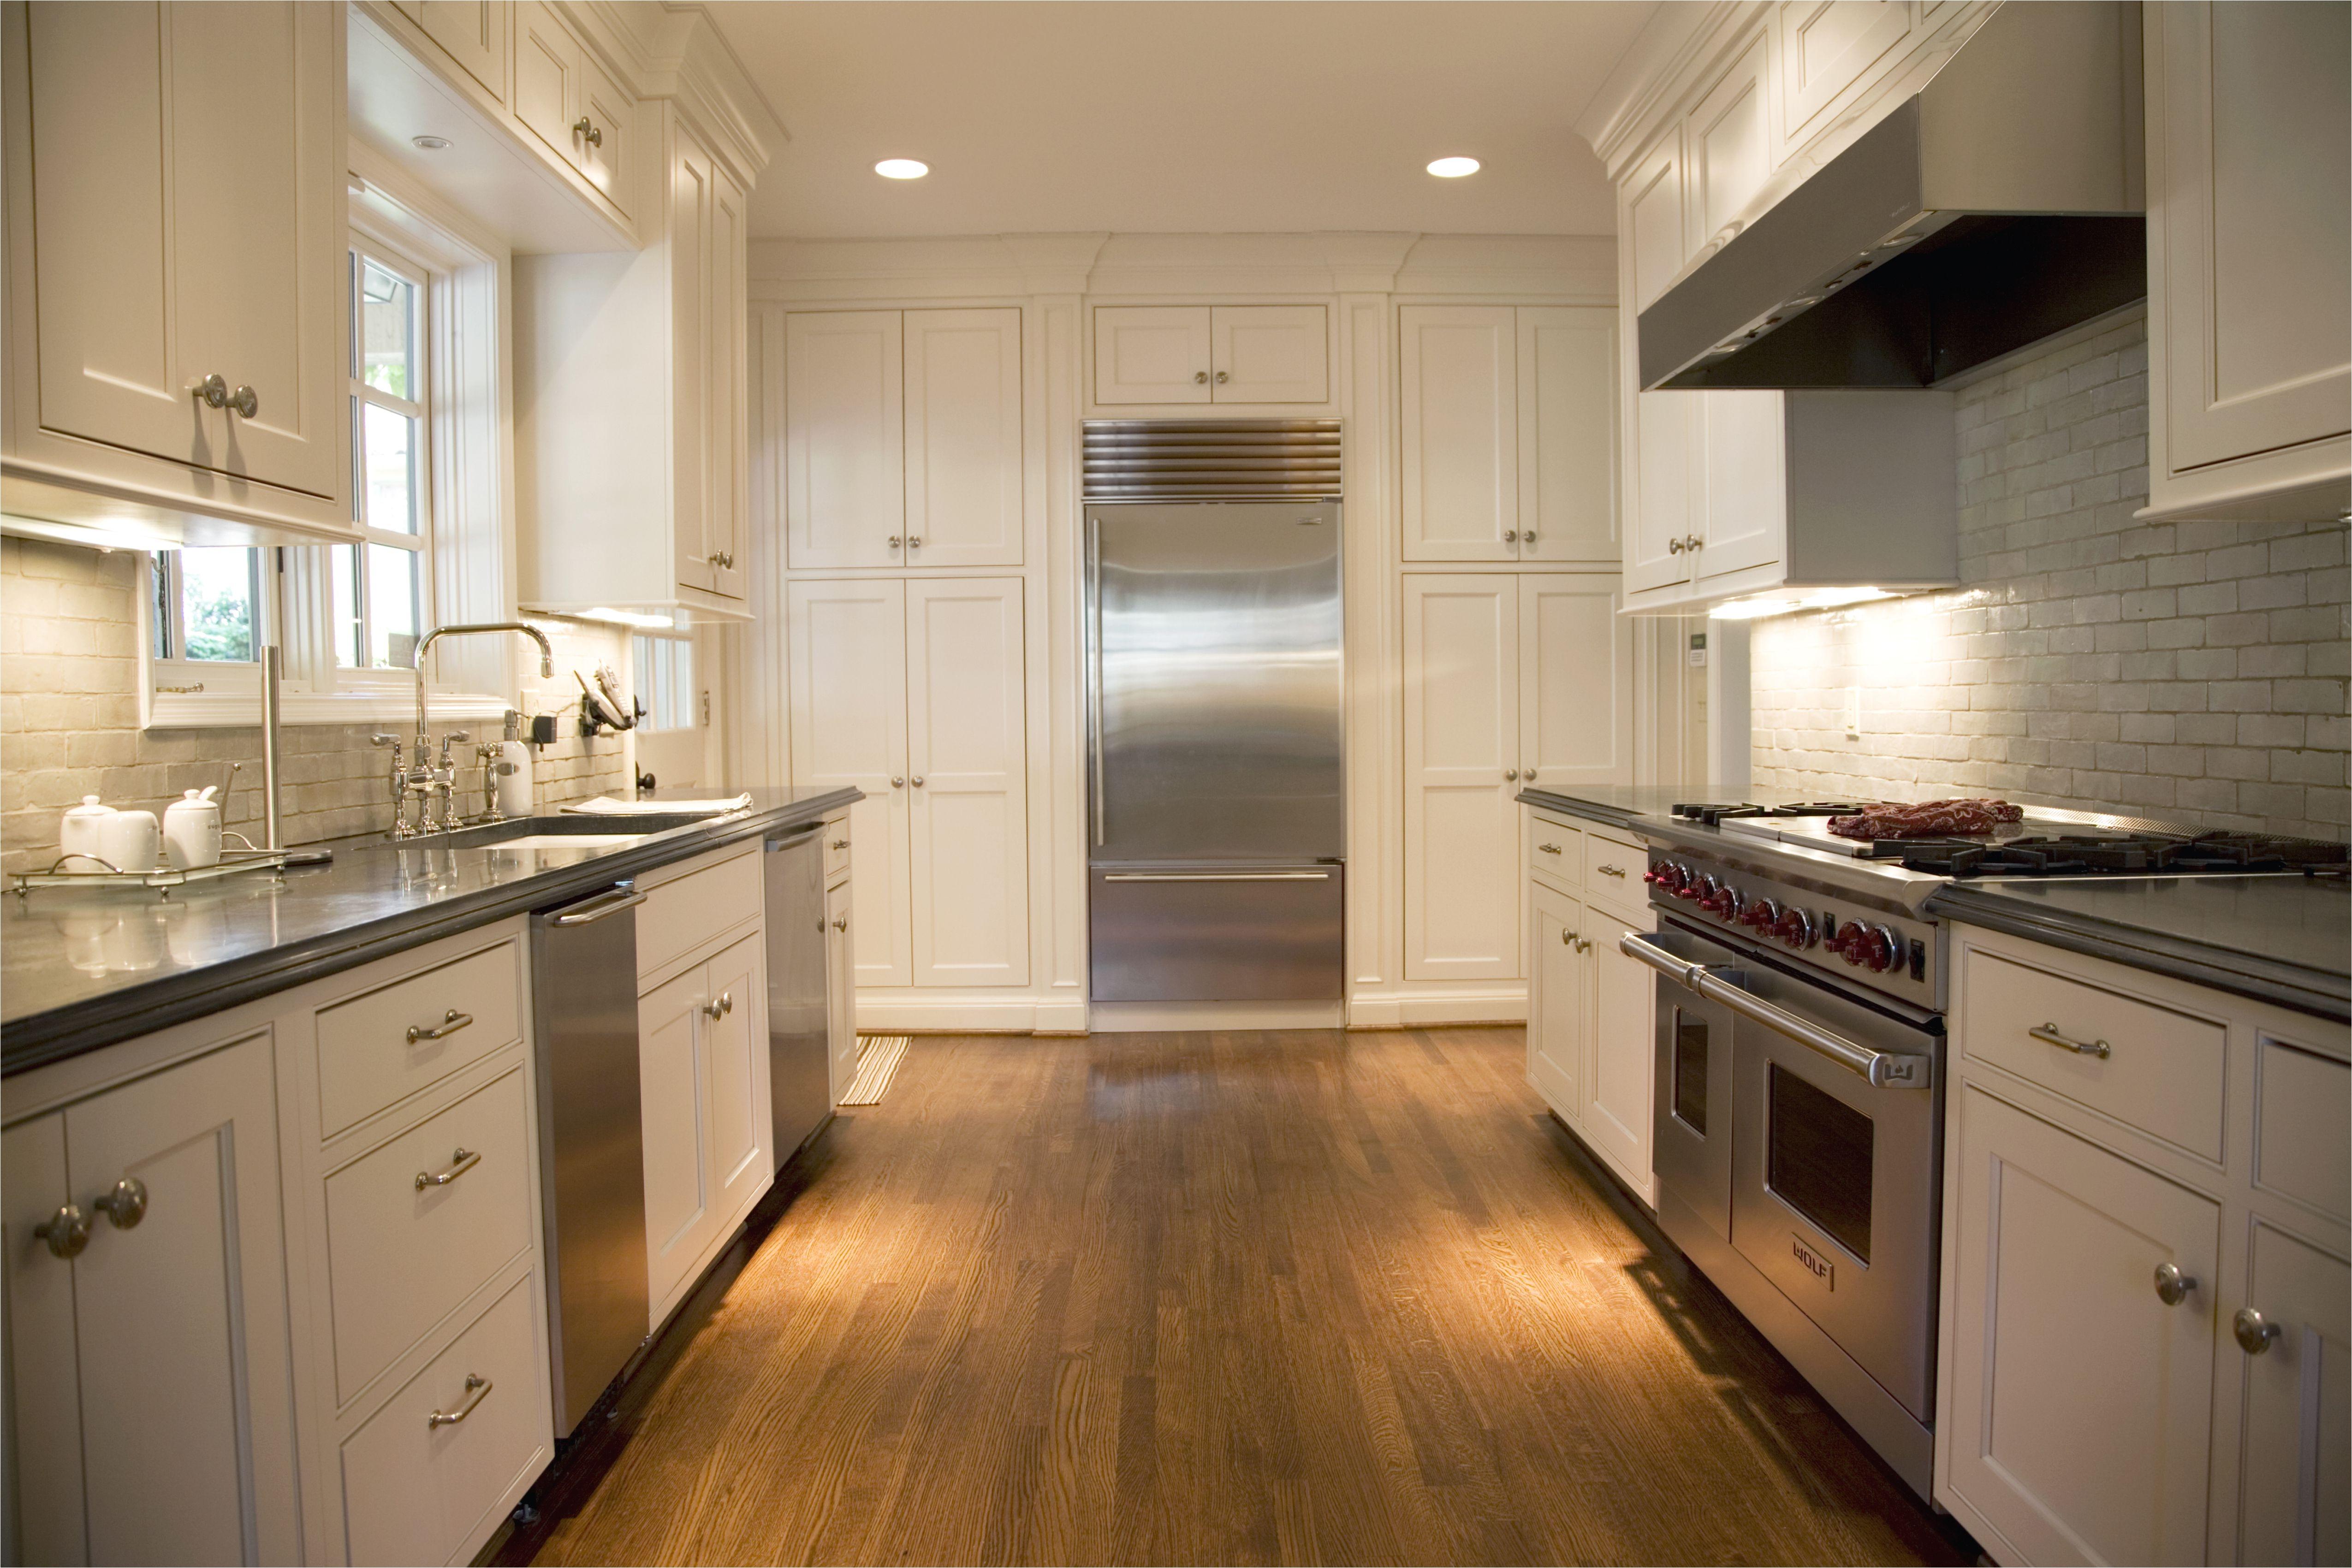 modern designer kitchen 88707086 5a82f90a3418c600369ac599 jpg